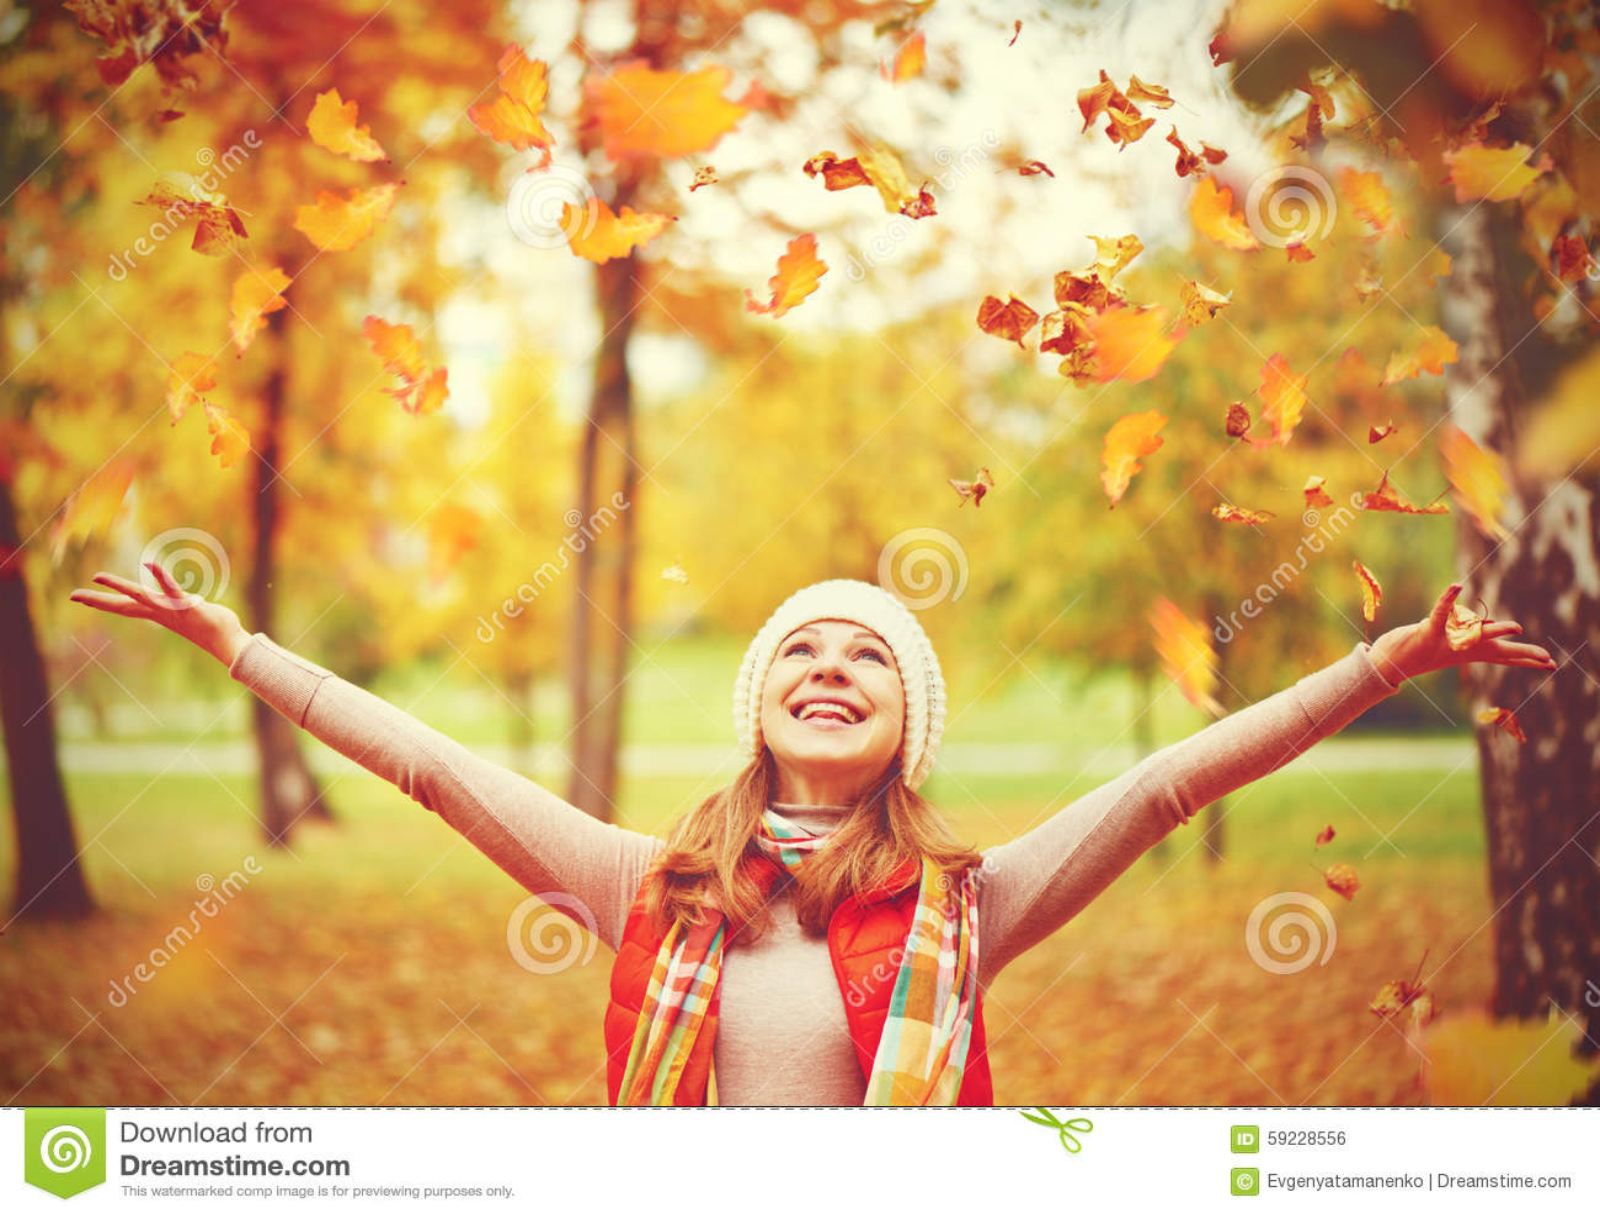 Download La Muchacha Feliz Lanza Para Arriba Las Hojas De Otoño En El Parque Para El Paseo Al Aire Libre Foto de archivo - Imagen de hembra, belleza: 59228556